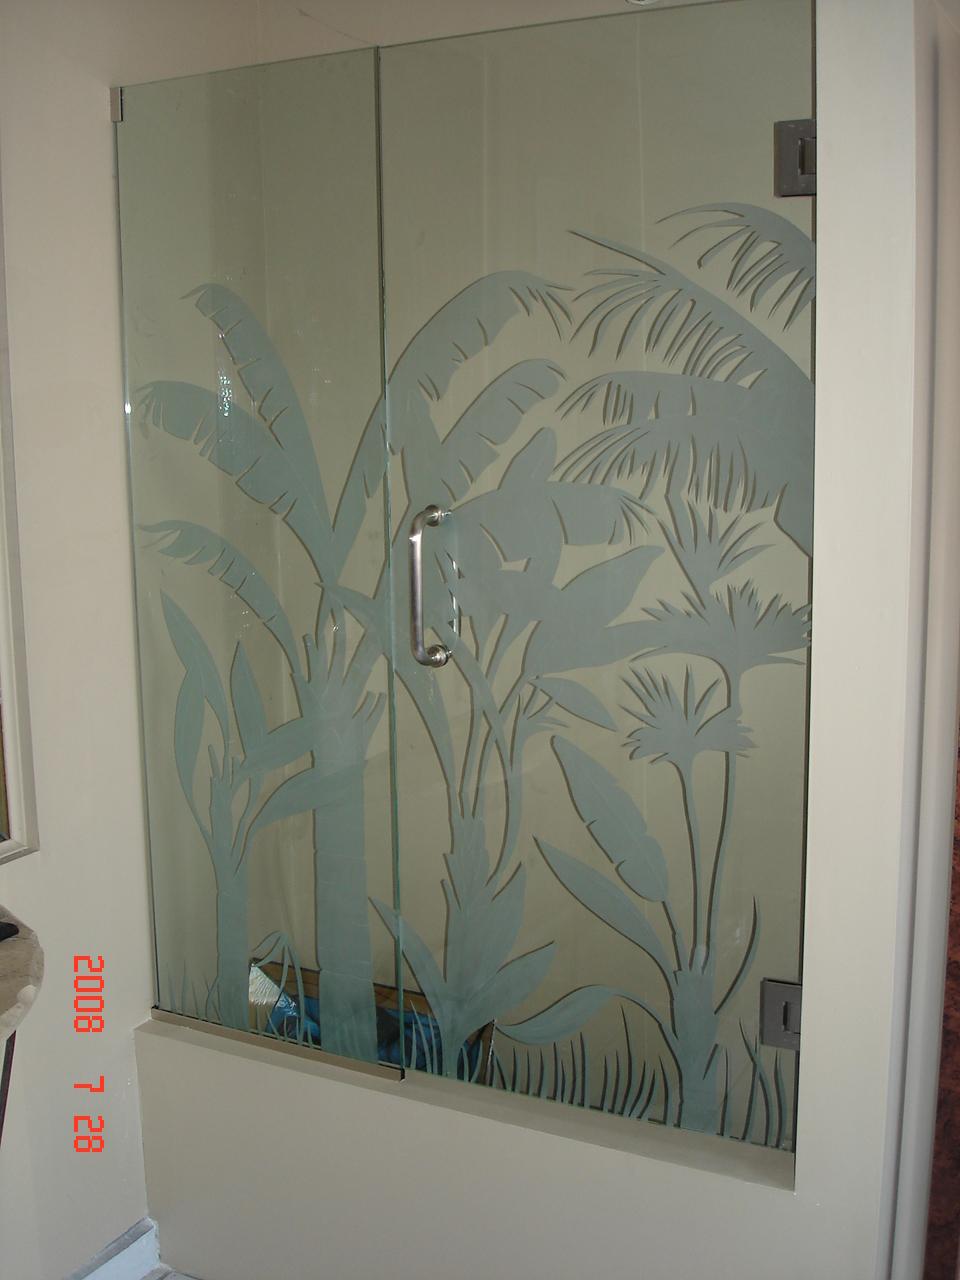 Puertas Para Baño Cr:vitrales Arenados Puertas Para Baño: Arenados